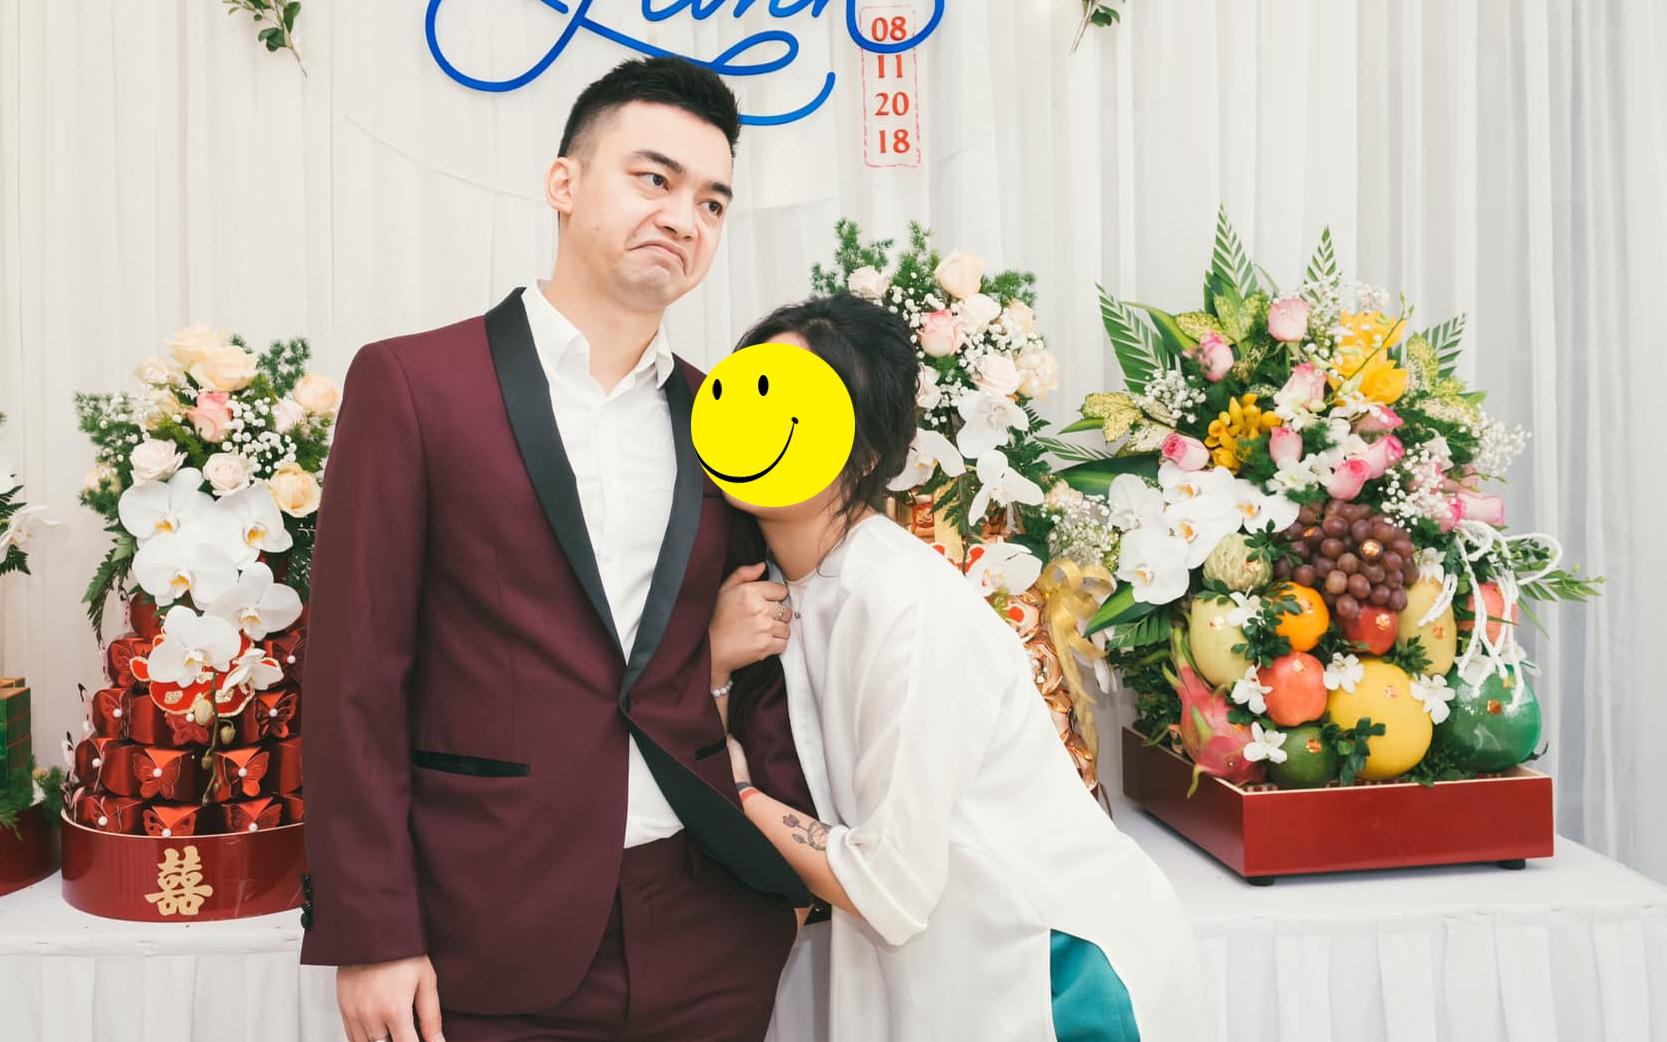 Bạn gái cũ Âu Hà My vừa mới ly hôn chồng, cơ trưởng Duy Alex cũng cập nhật trạng thái quan hệ khiến ai nấy bất ngờ